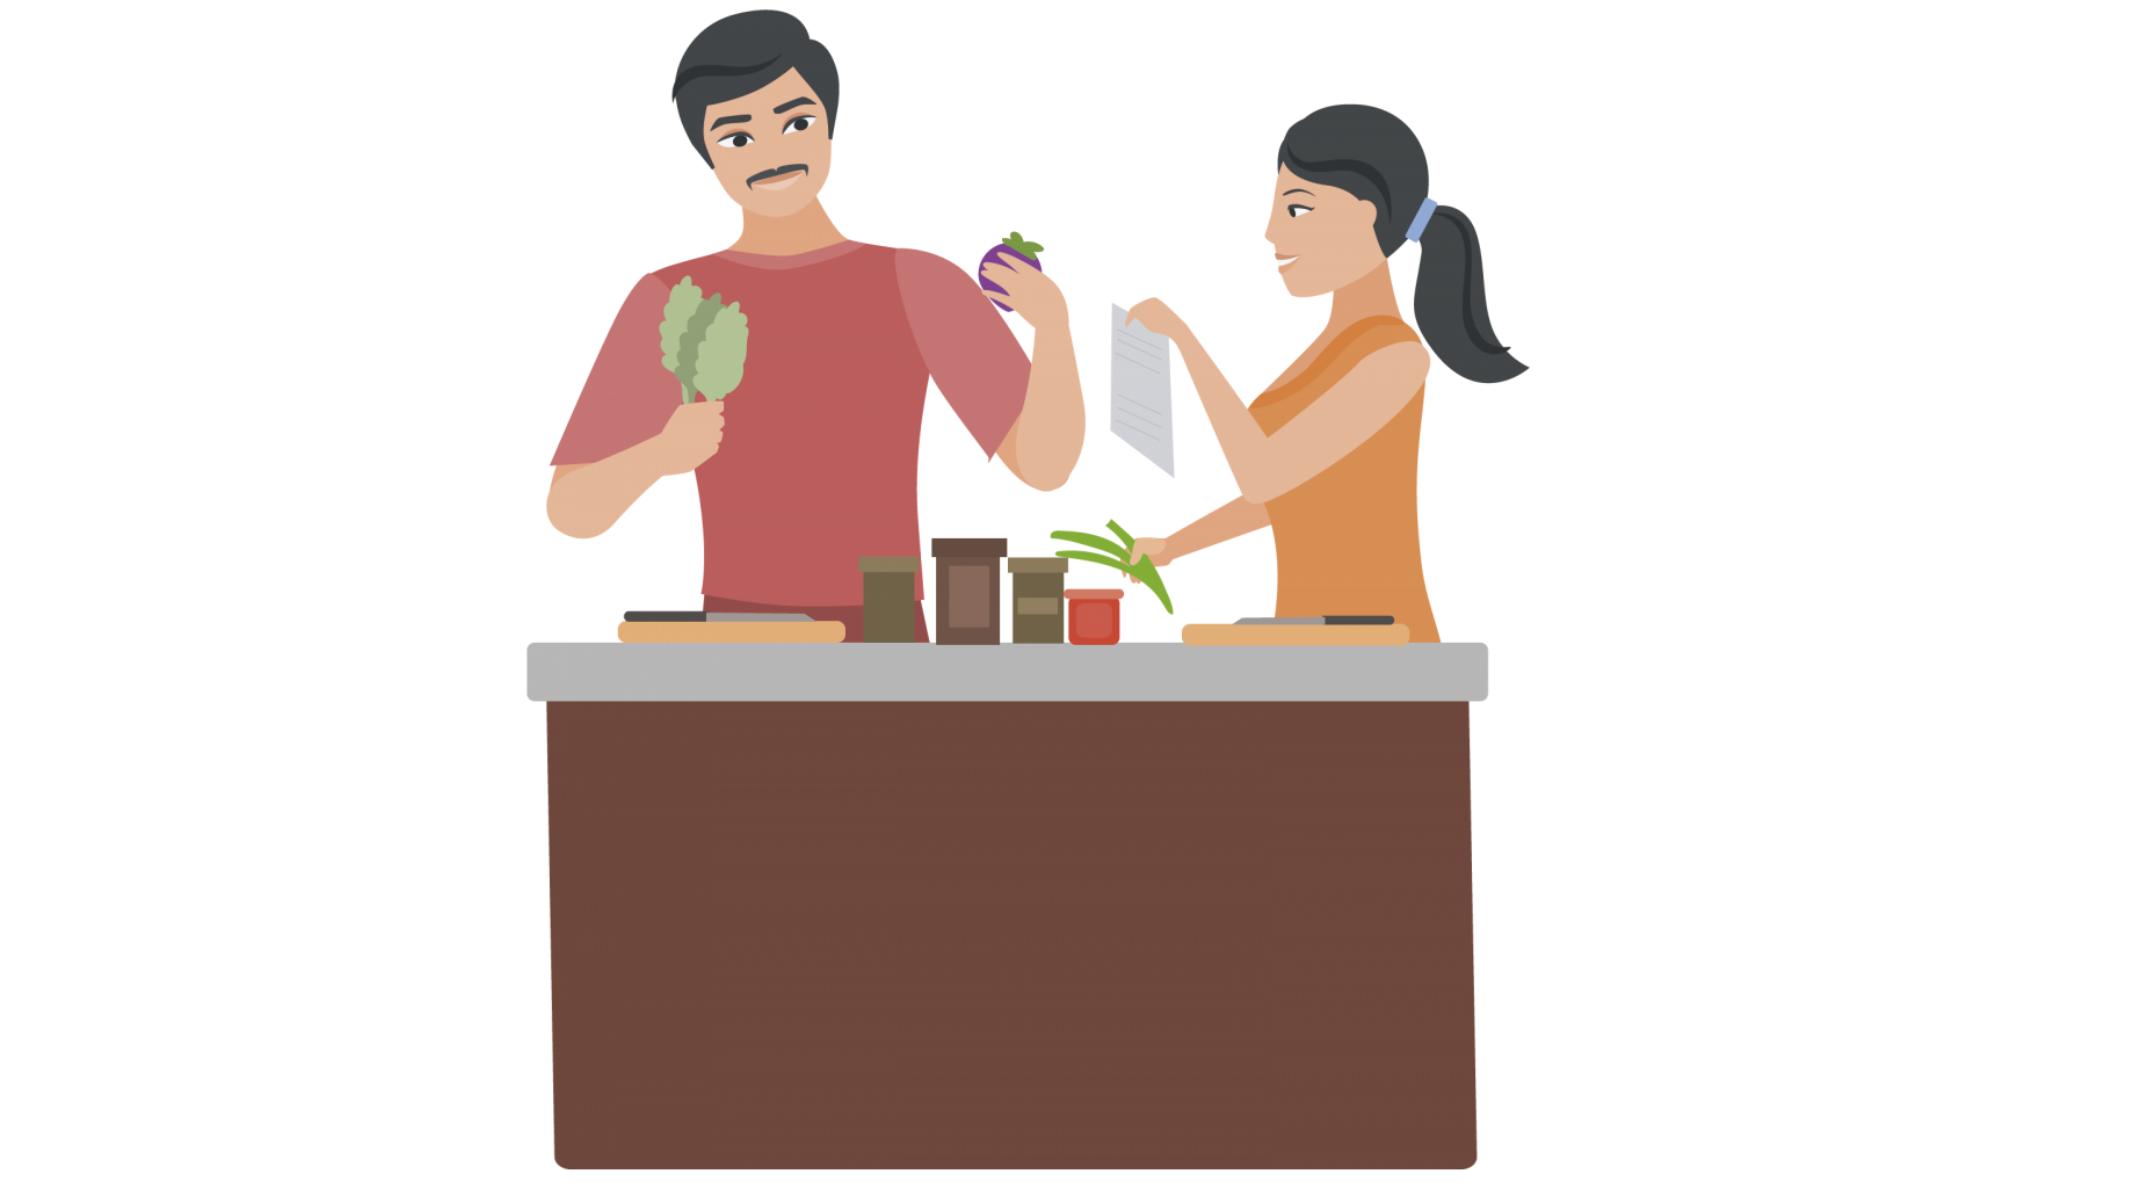 नई माँ के लिए भोजन – महीना १०